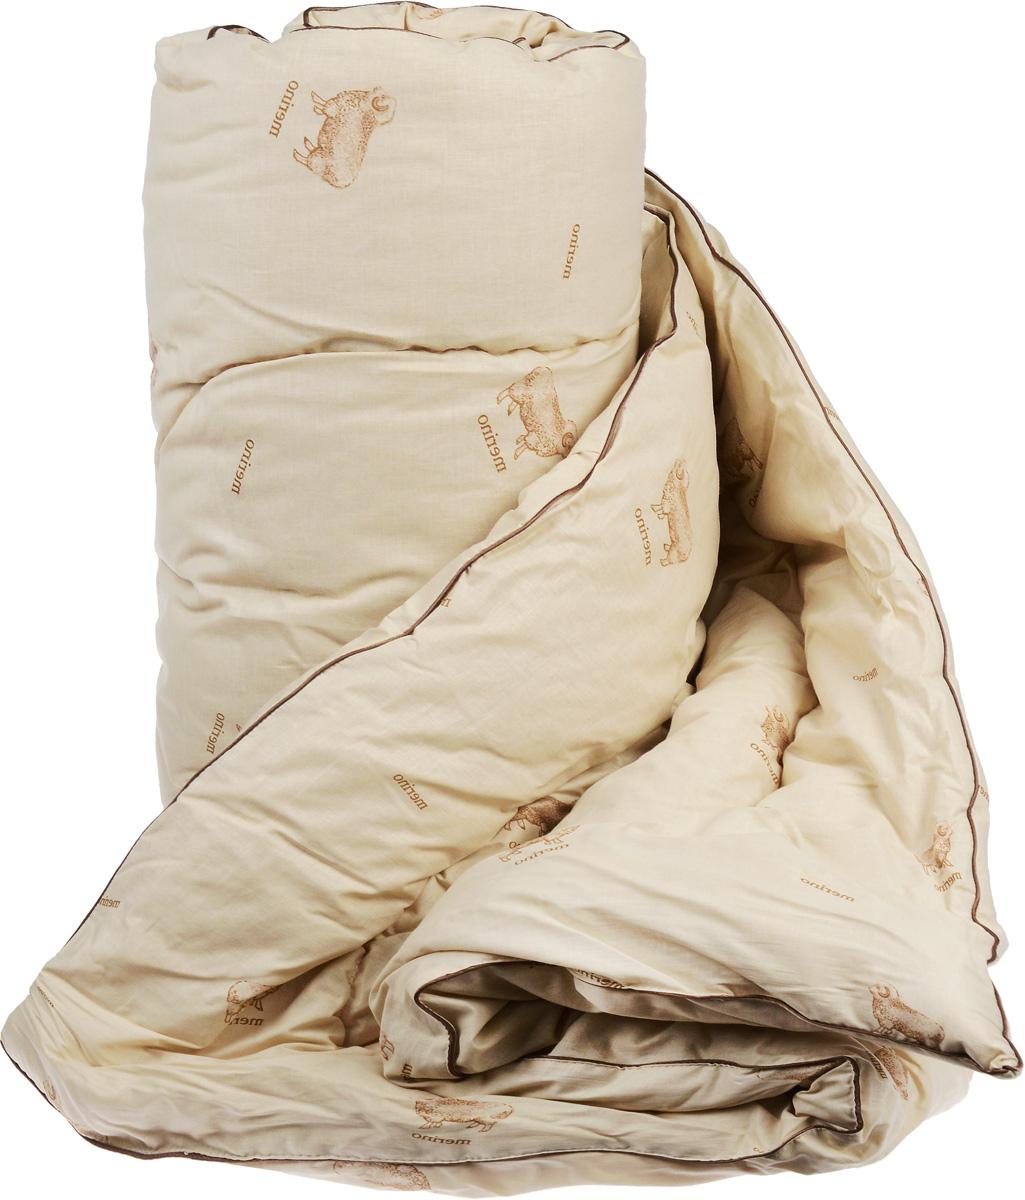 """Одеяло теплое Легкие сны """"Полли"""", наполнитель: овечья шерсть, 140 x 205 см"""